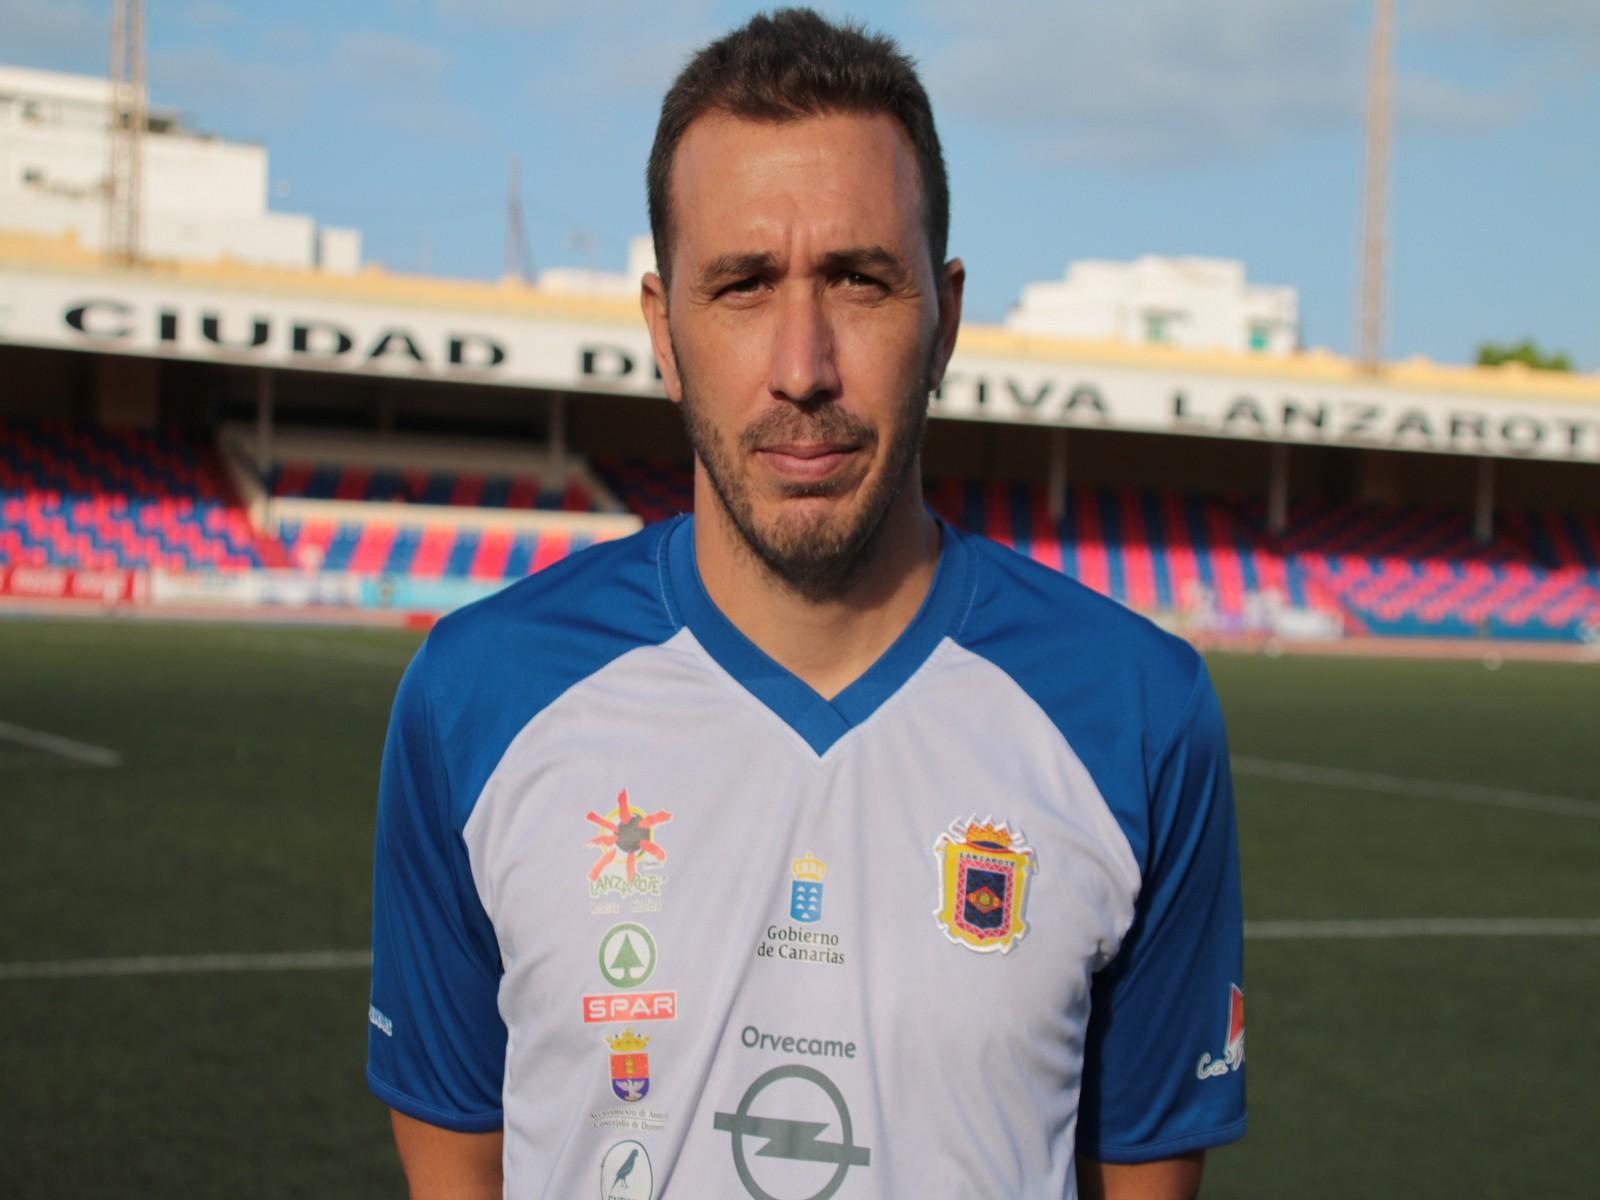 El mediapunta Toñito convence al cuerpo técnico de la UD Lanzarote